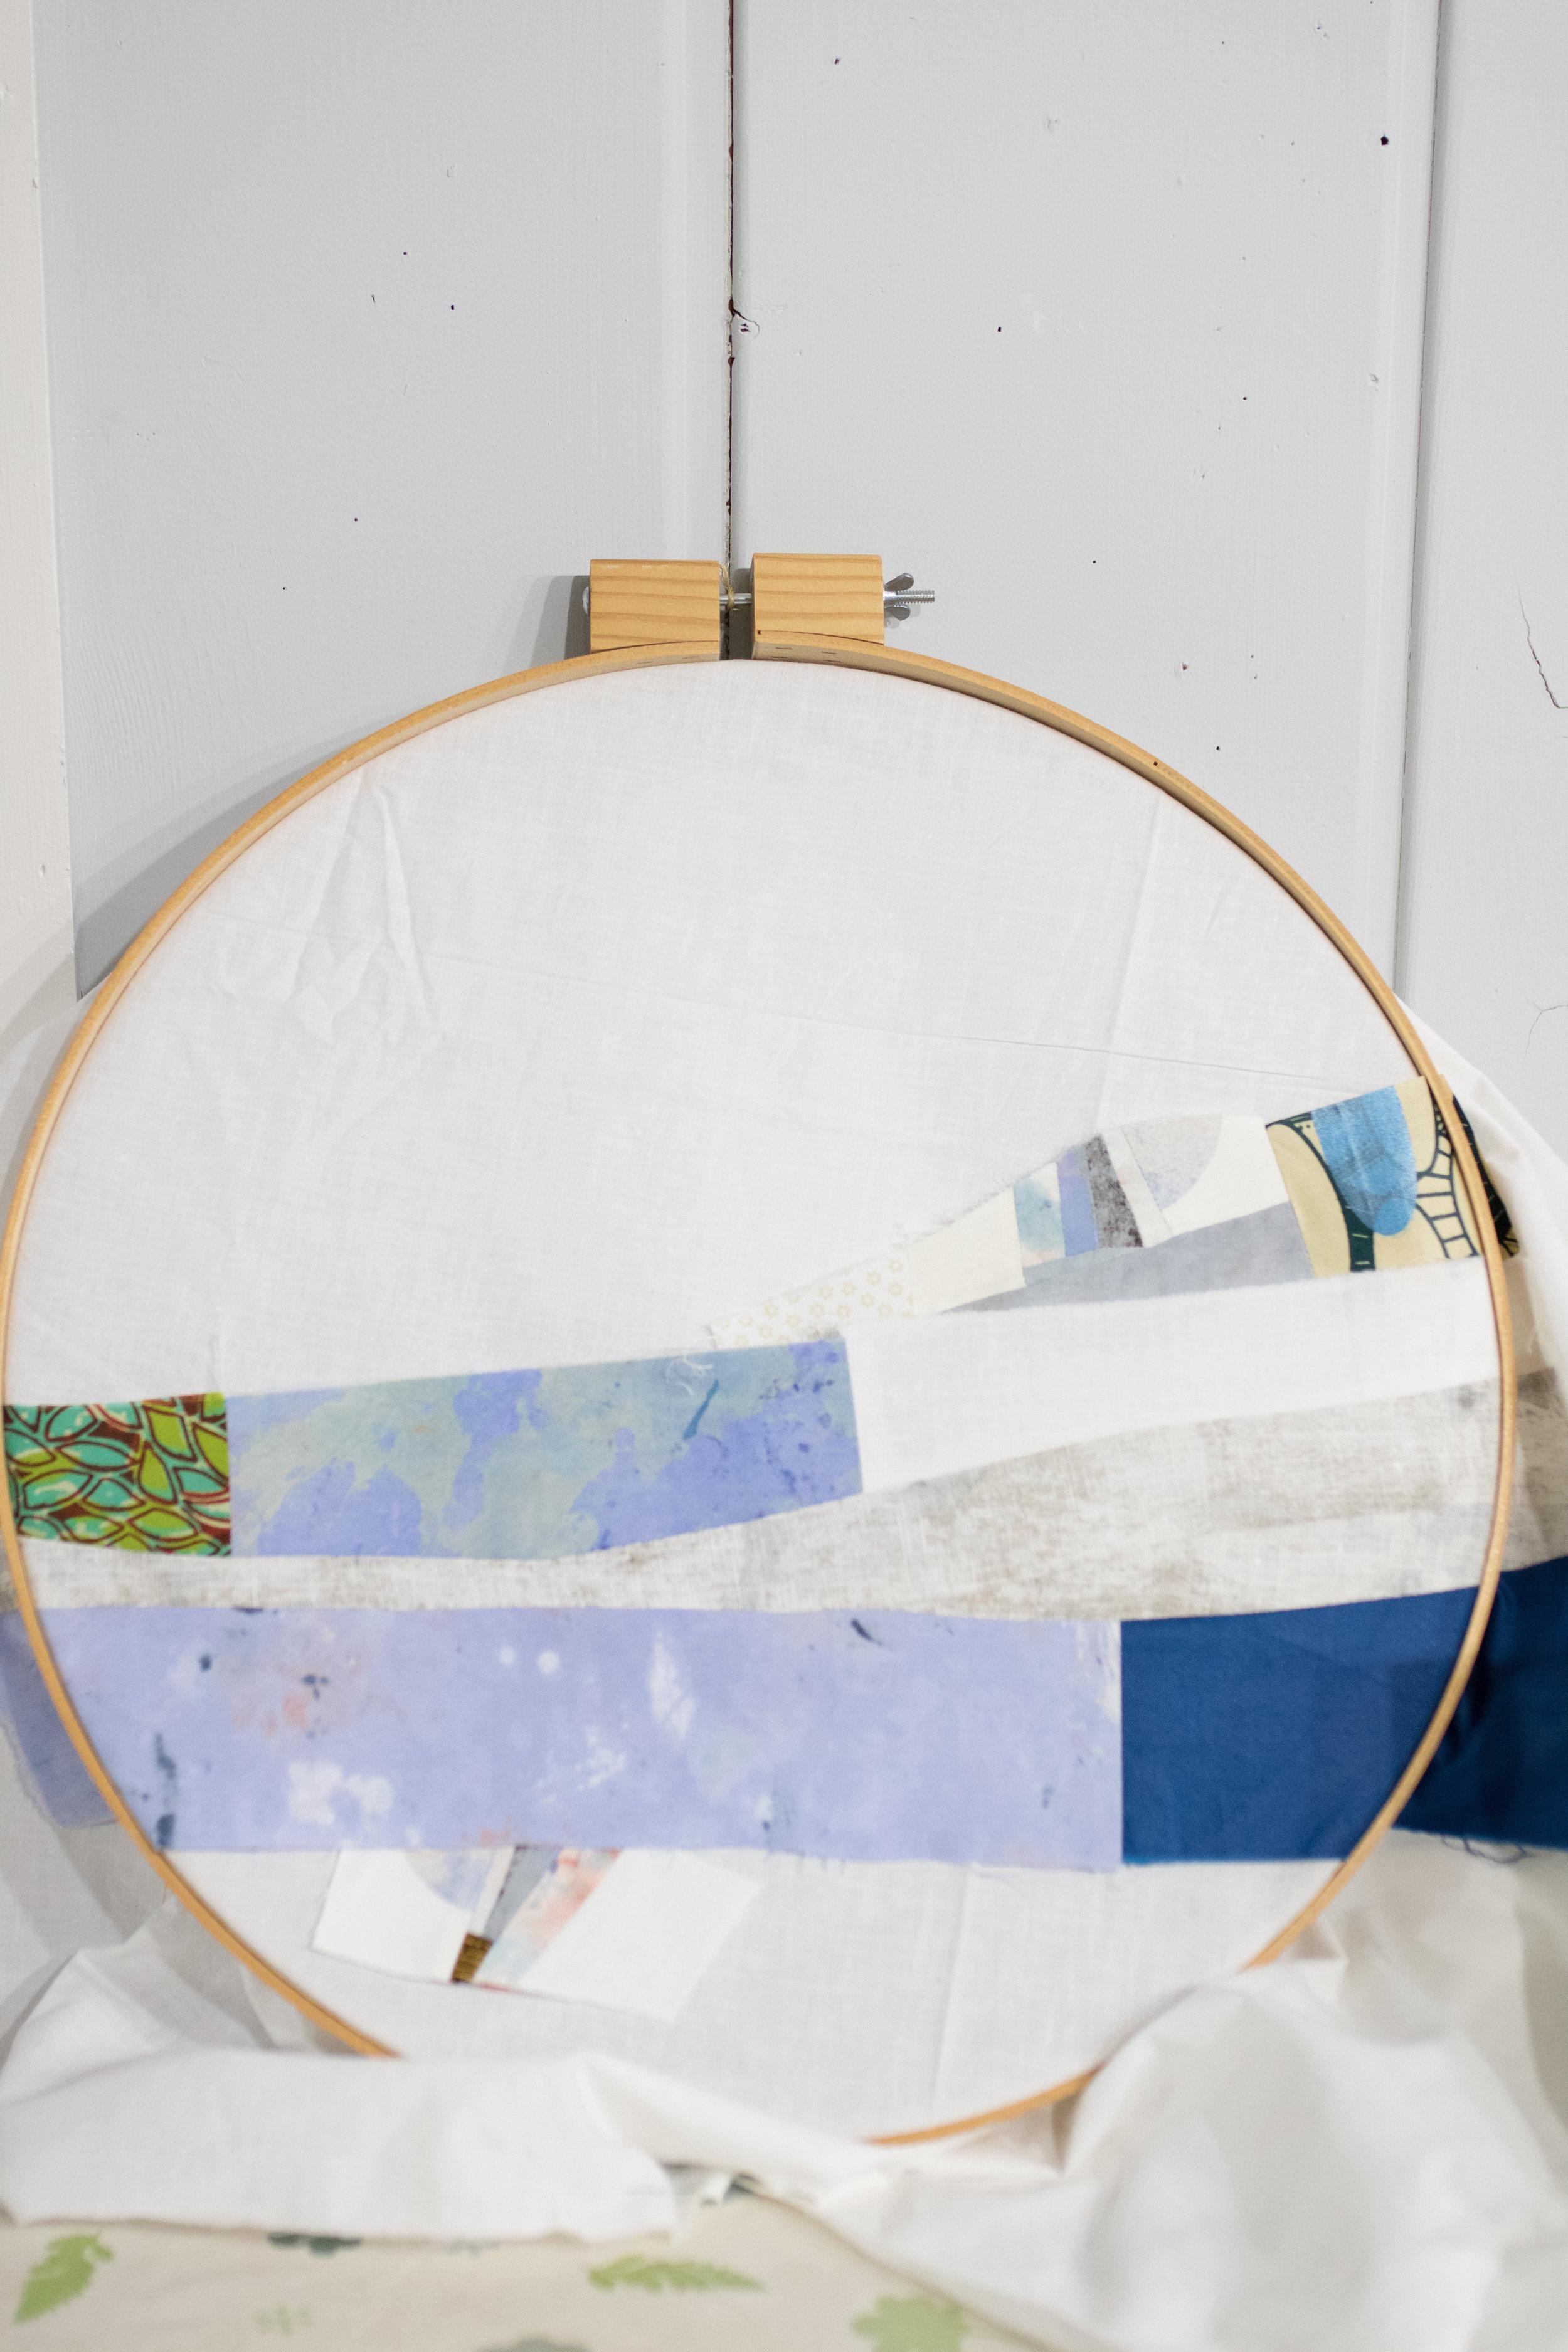 Seeing how it looks in the hoop again.